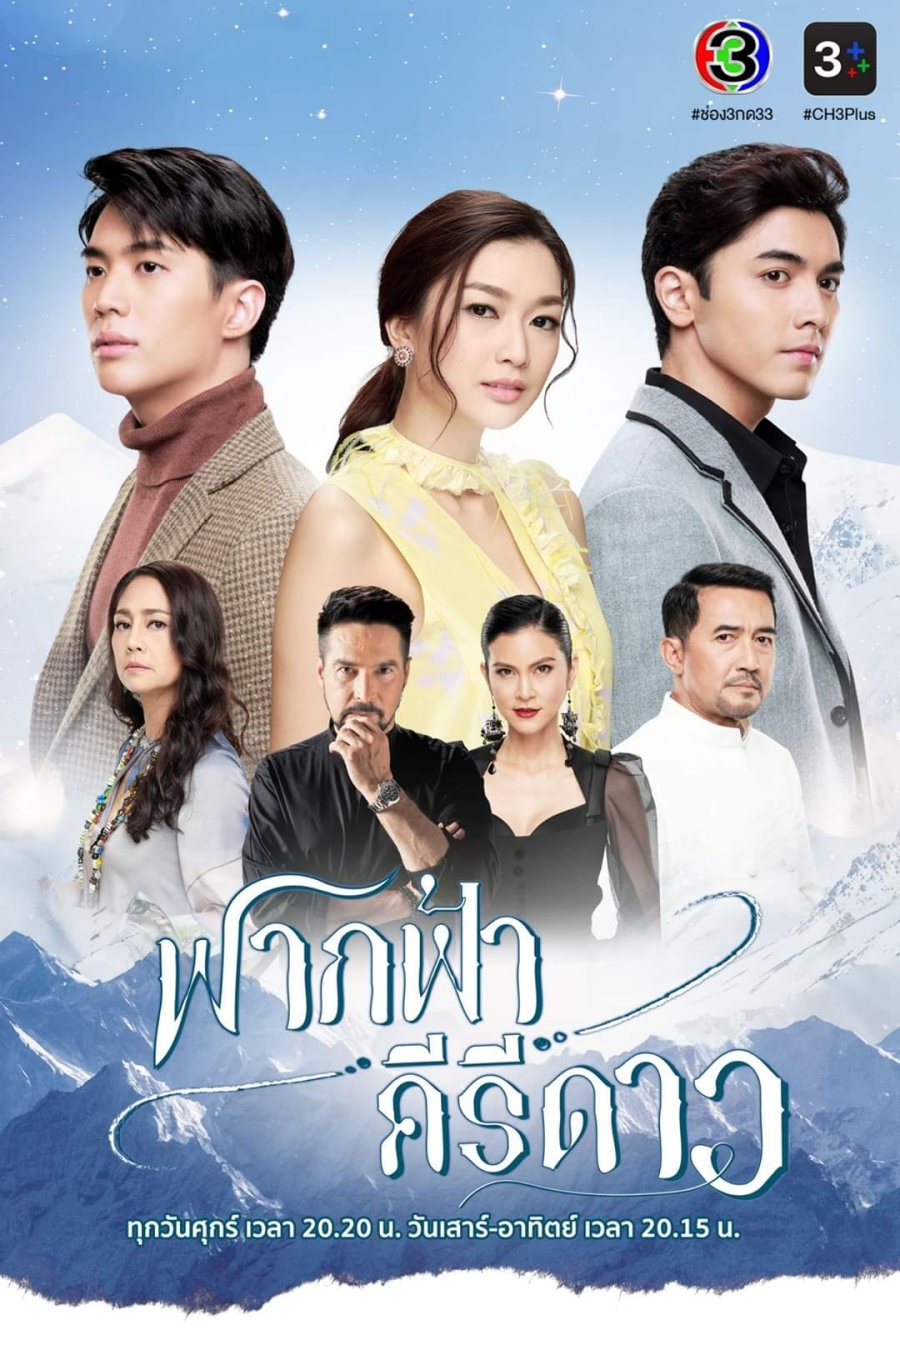 kYxdbf - Факфа, Кири и Дао ✦ 2020 ✦ Таиланд